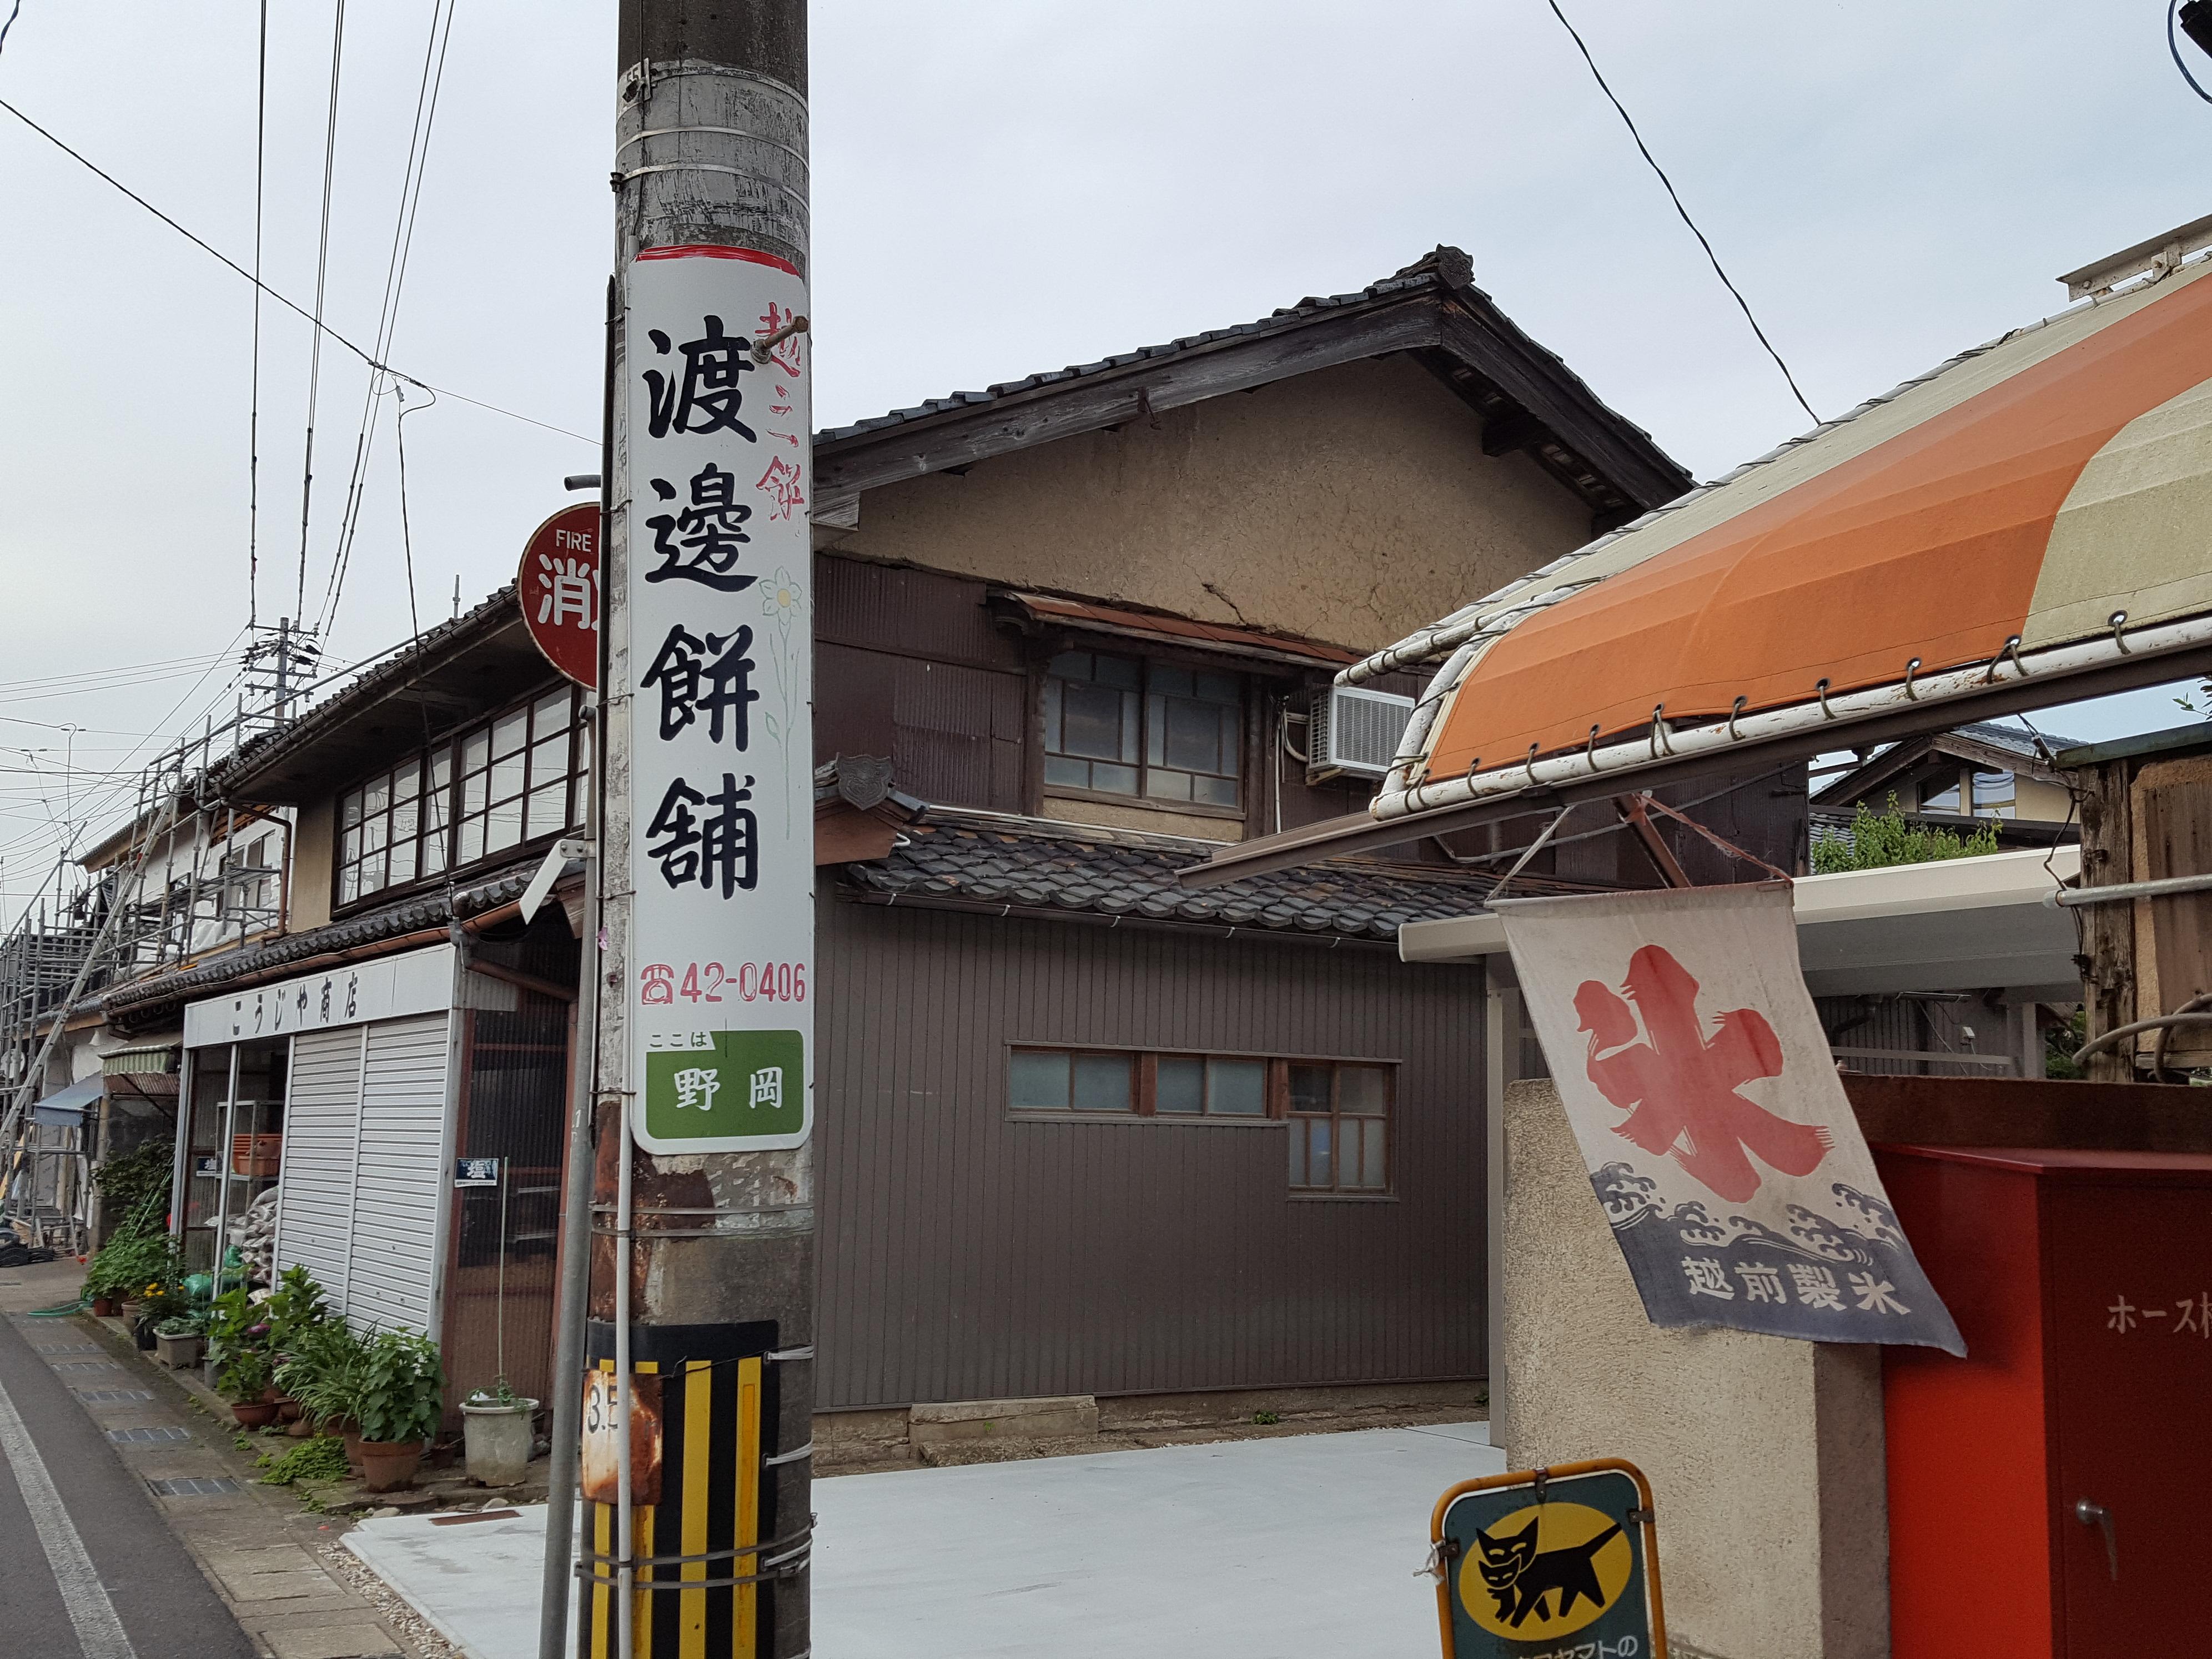 渡邊餅舗(とうごろうさん)のかき氷